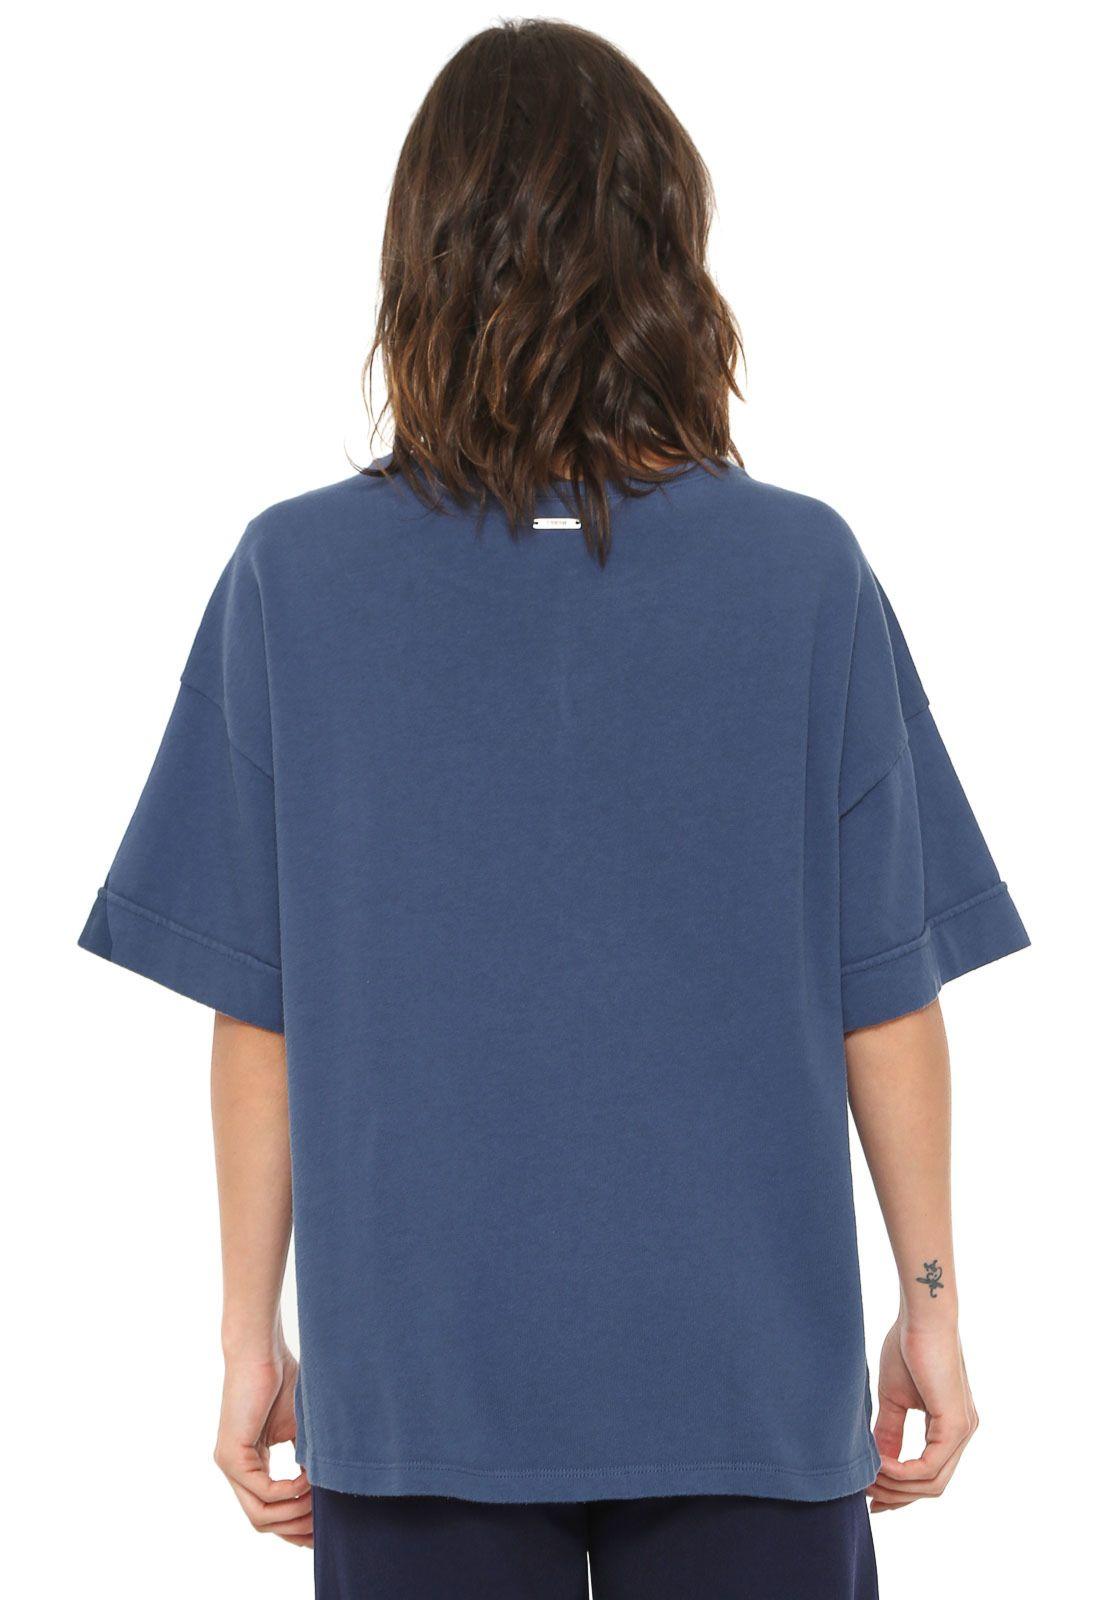 236c9d808 Camiseta Forum Estampada Azul-marinho em 2019